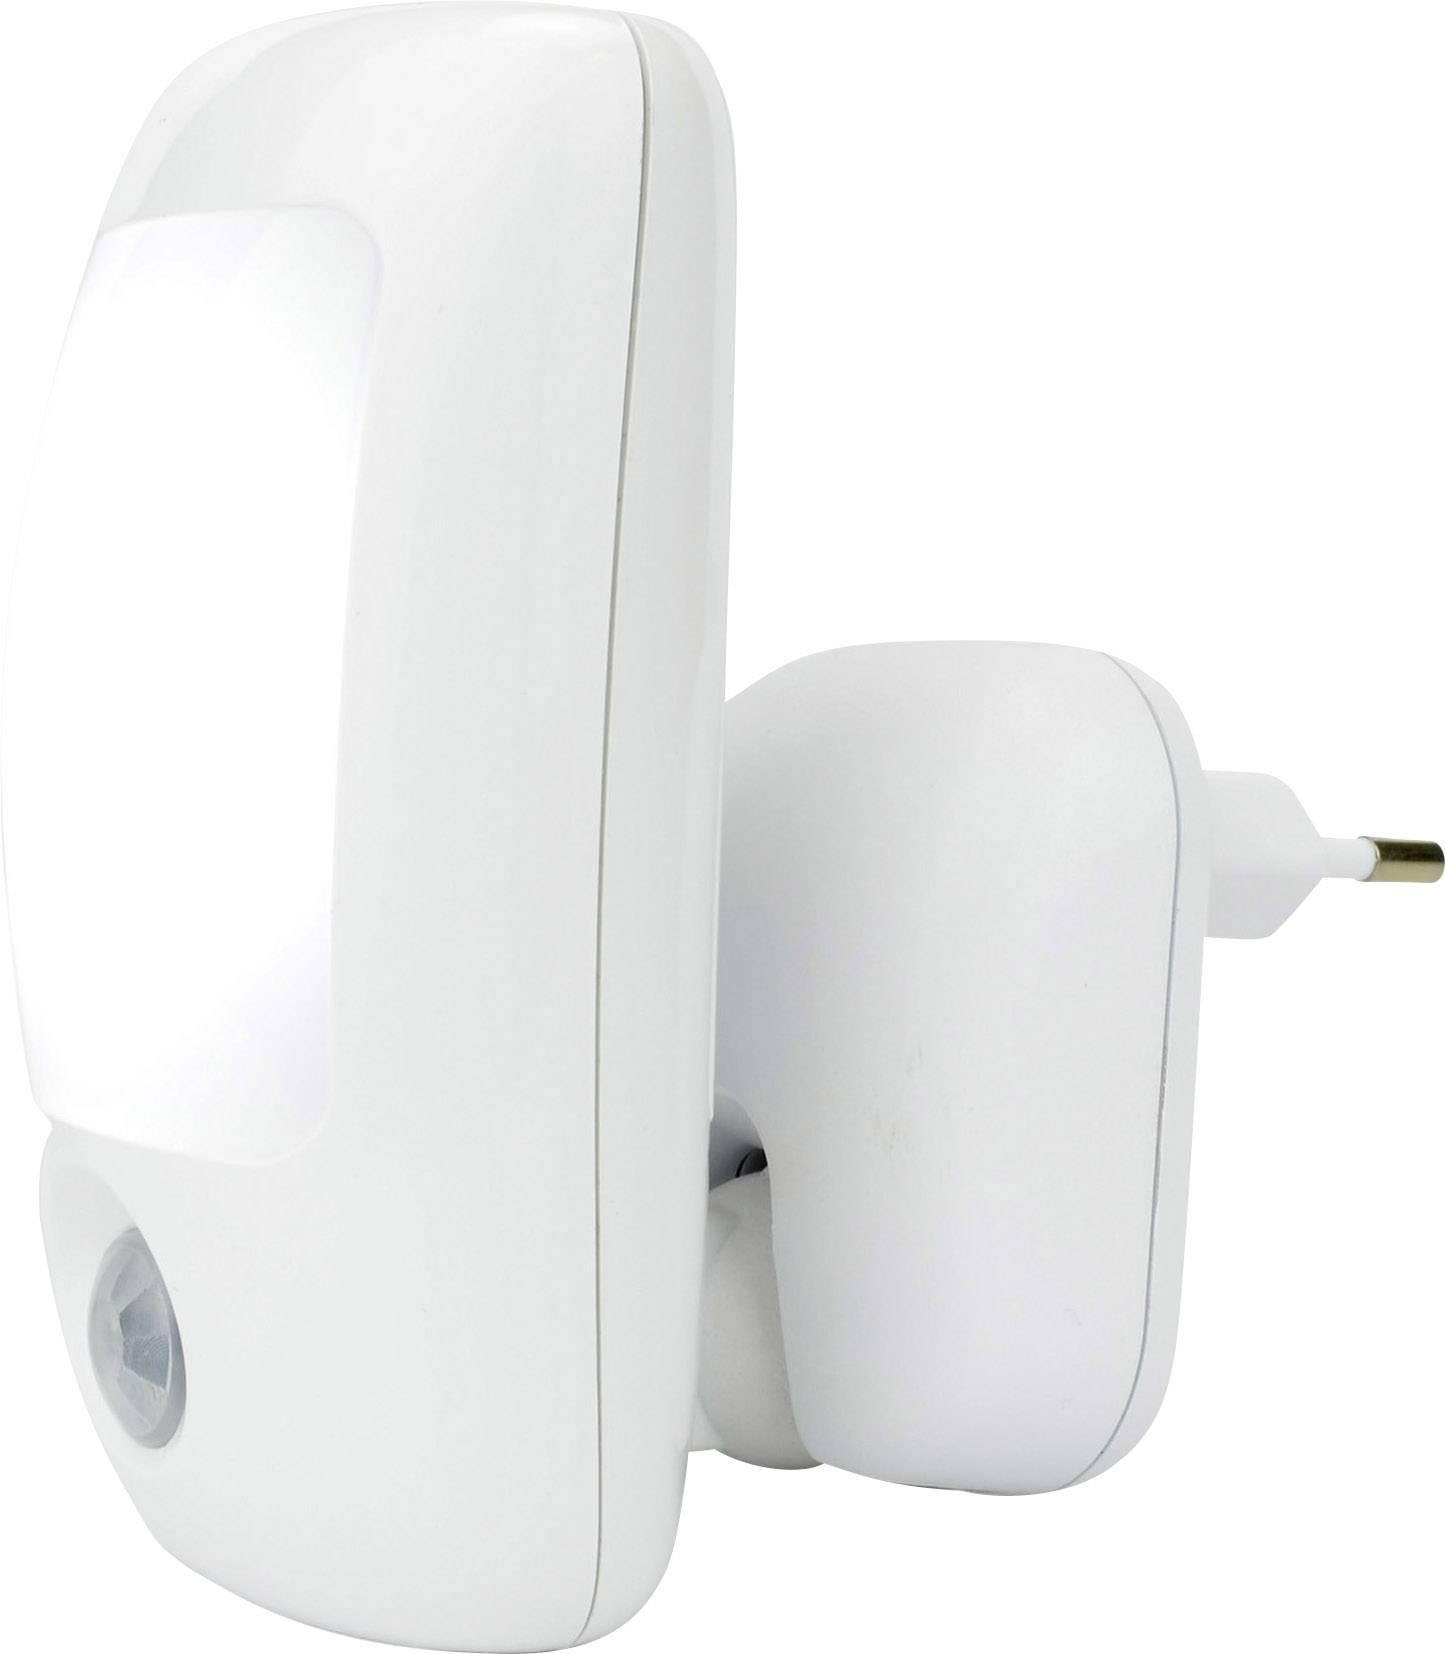 LED Kleine mobiele lamp met bewegingsmelder Wit X4-LIFE 701445 1 ...